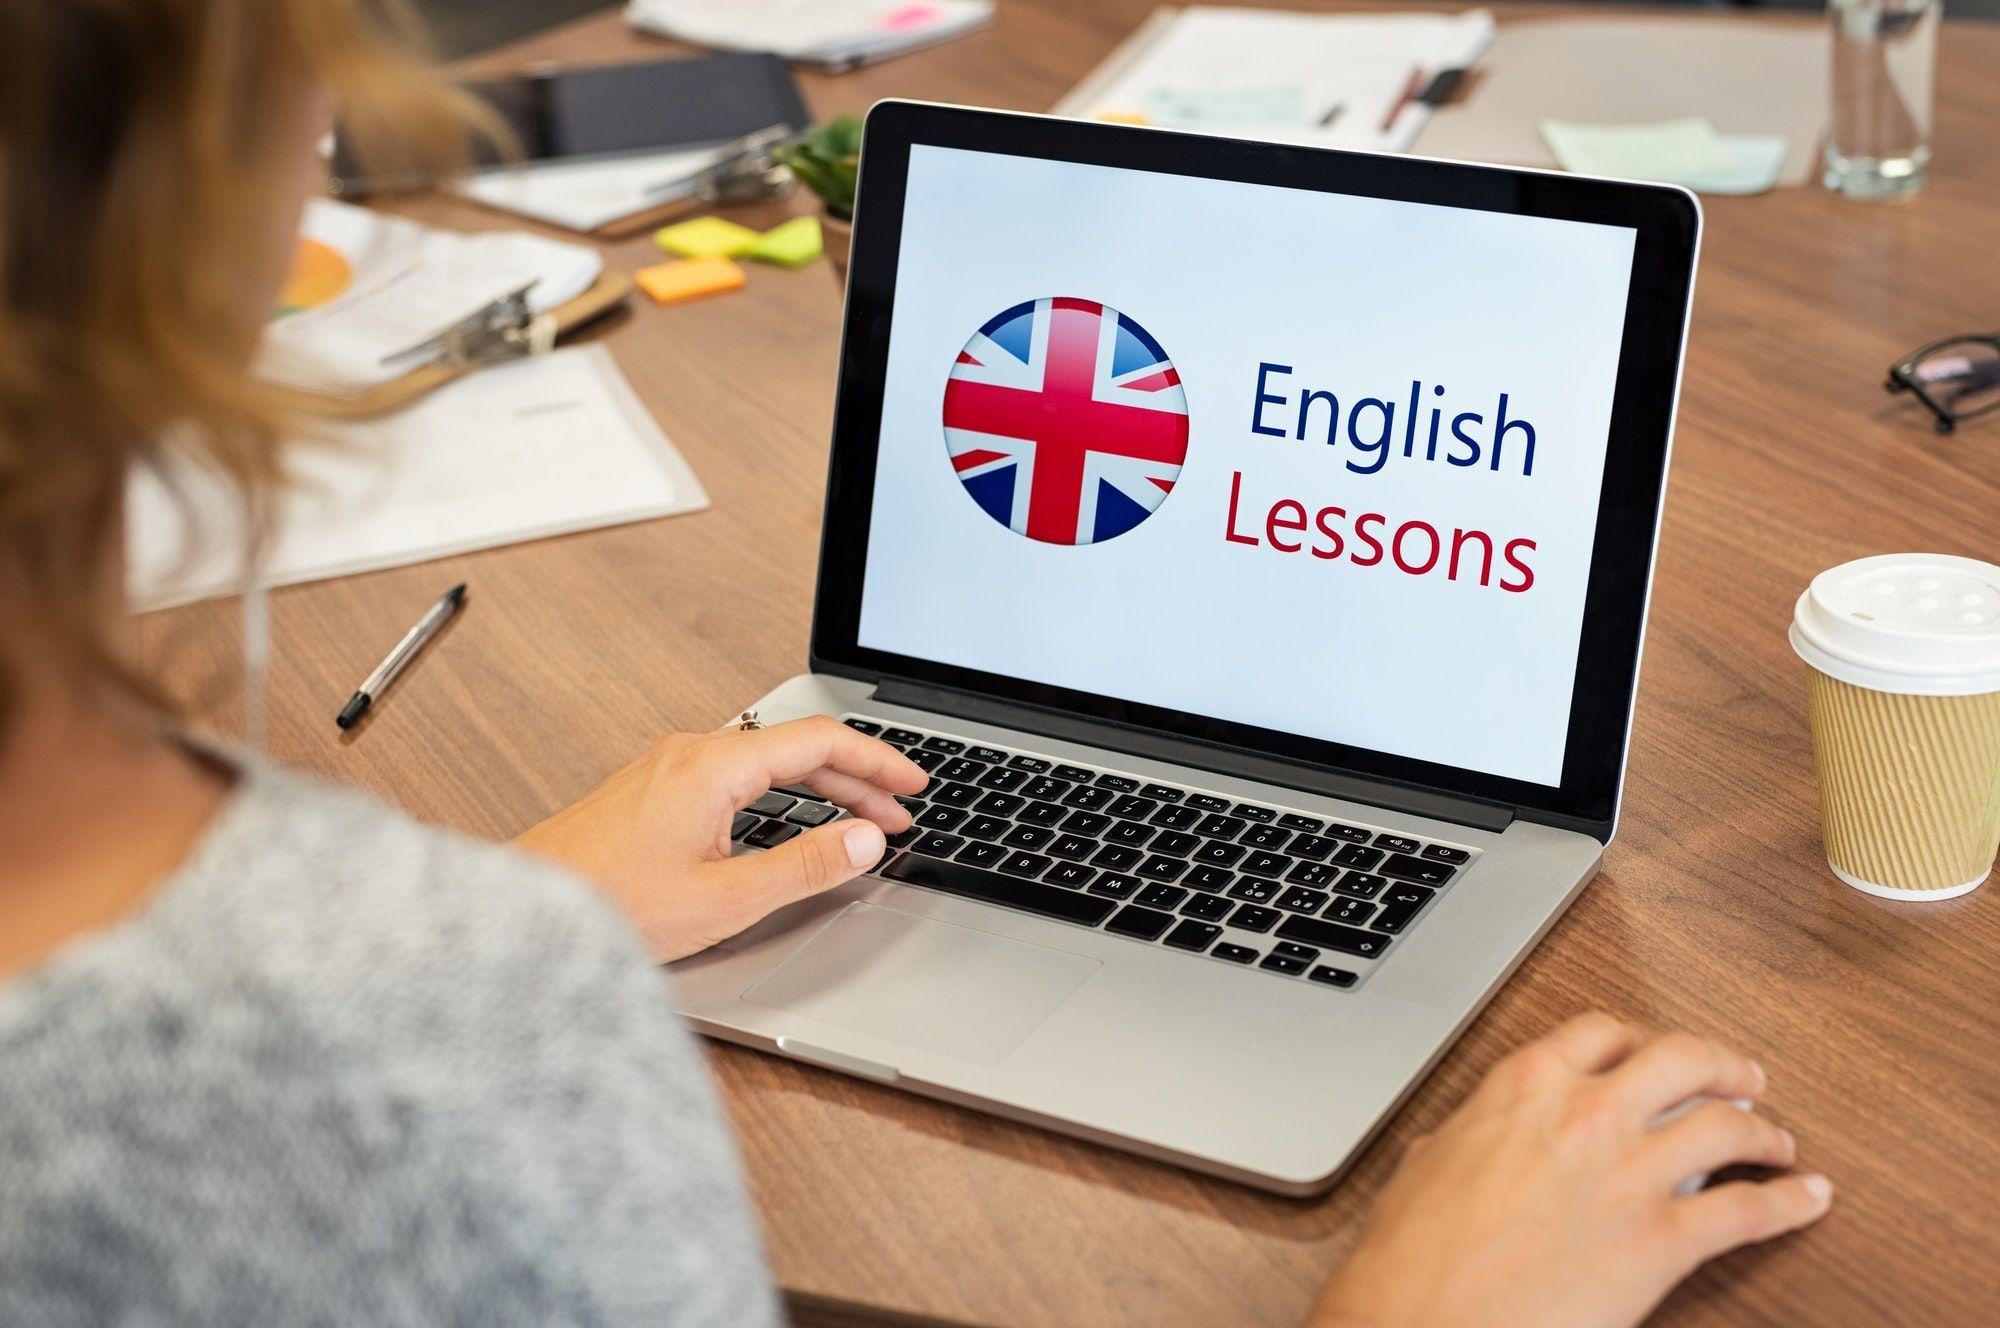 Эффективно ли изучать английский язык онлайн?